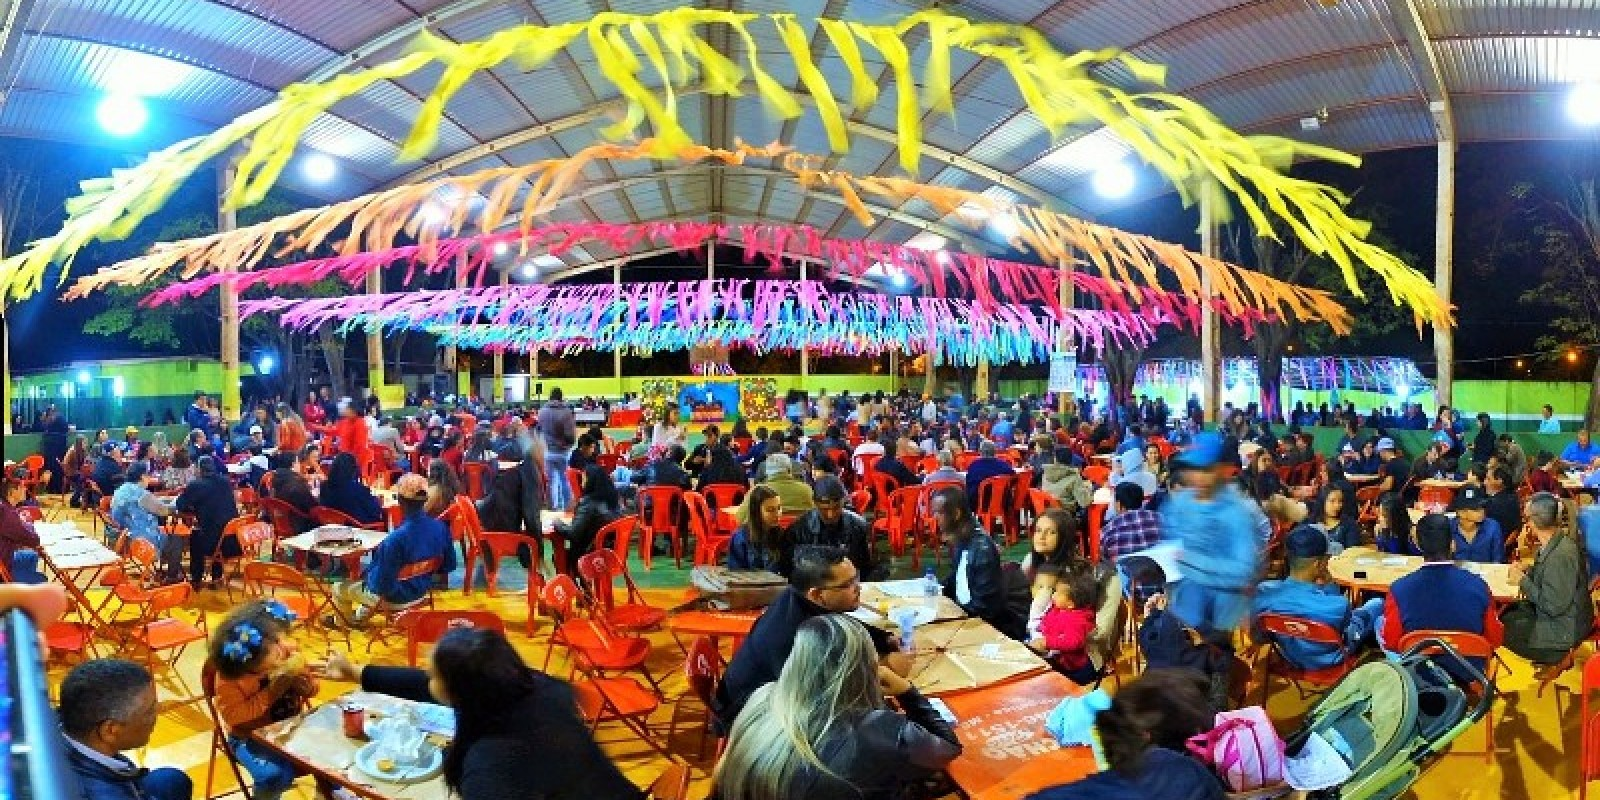 Confira todas as fotos da 36° Festa Folclórica da Escola José Fragelli